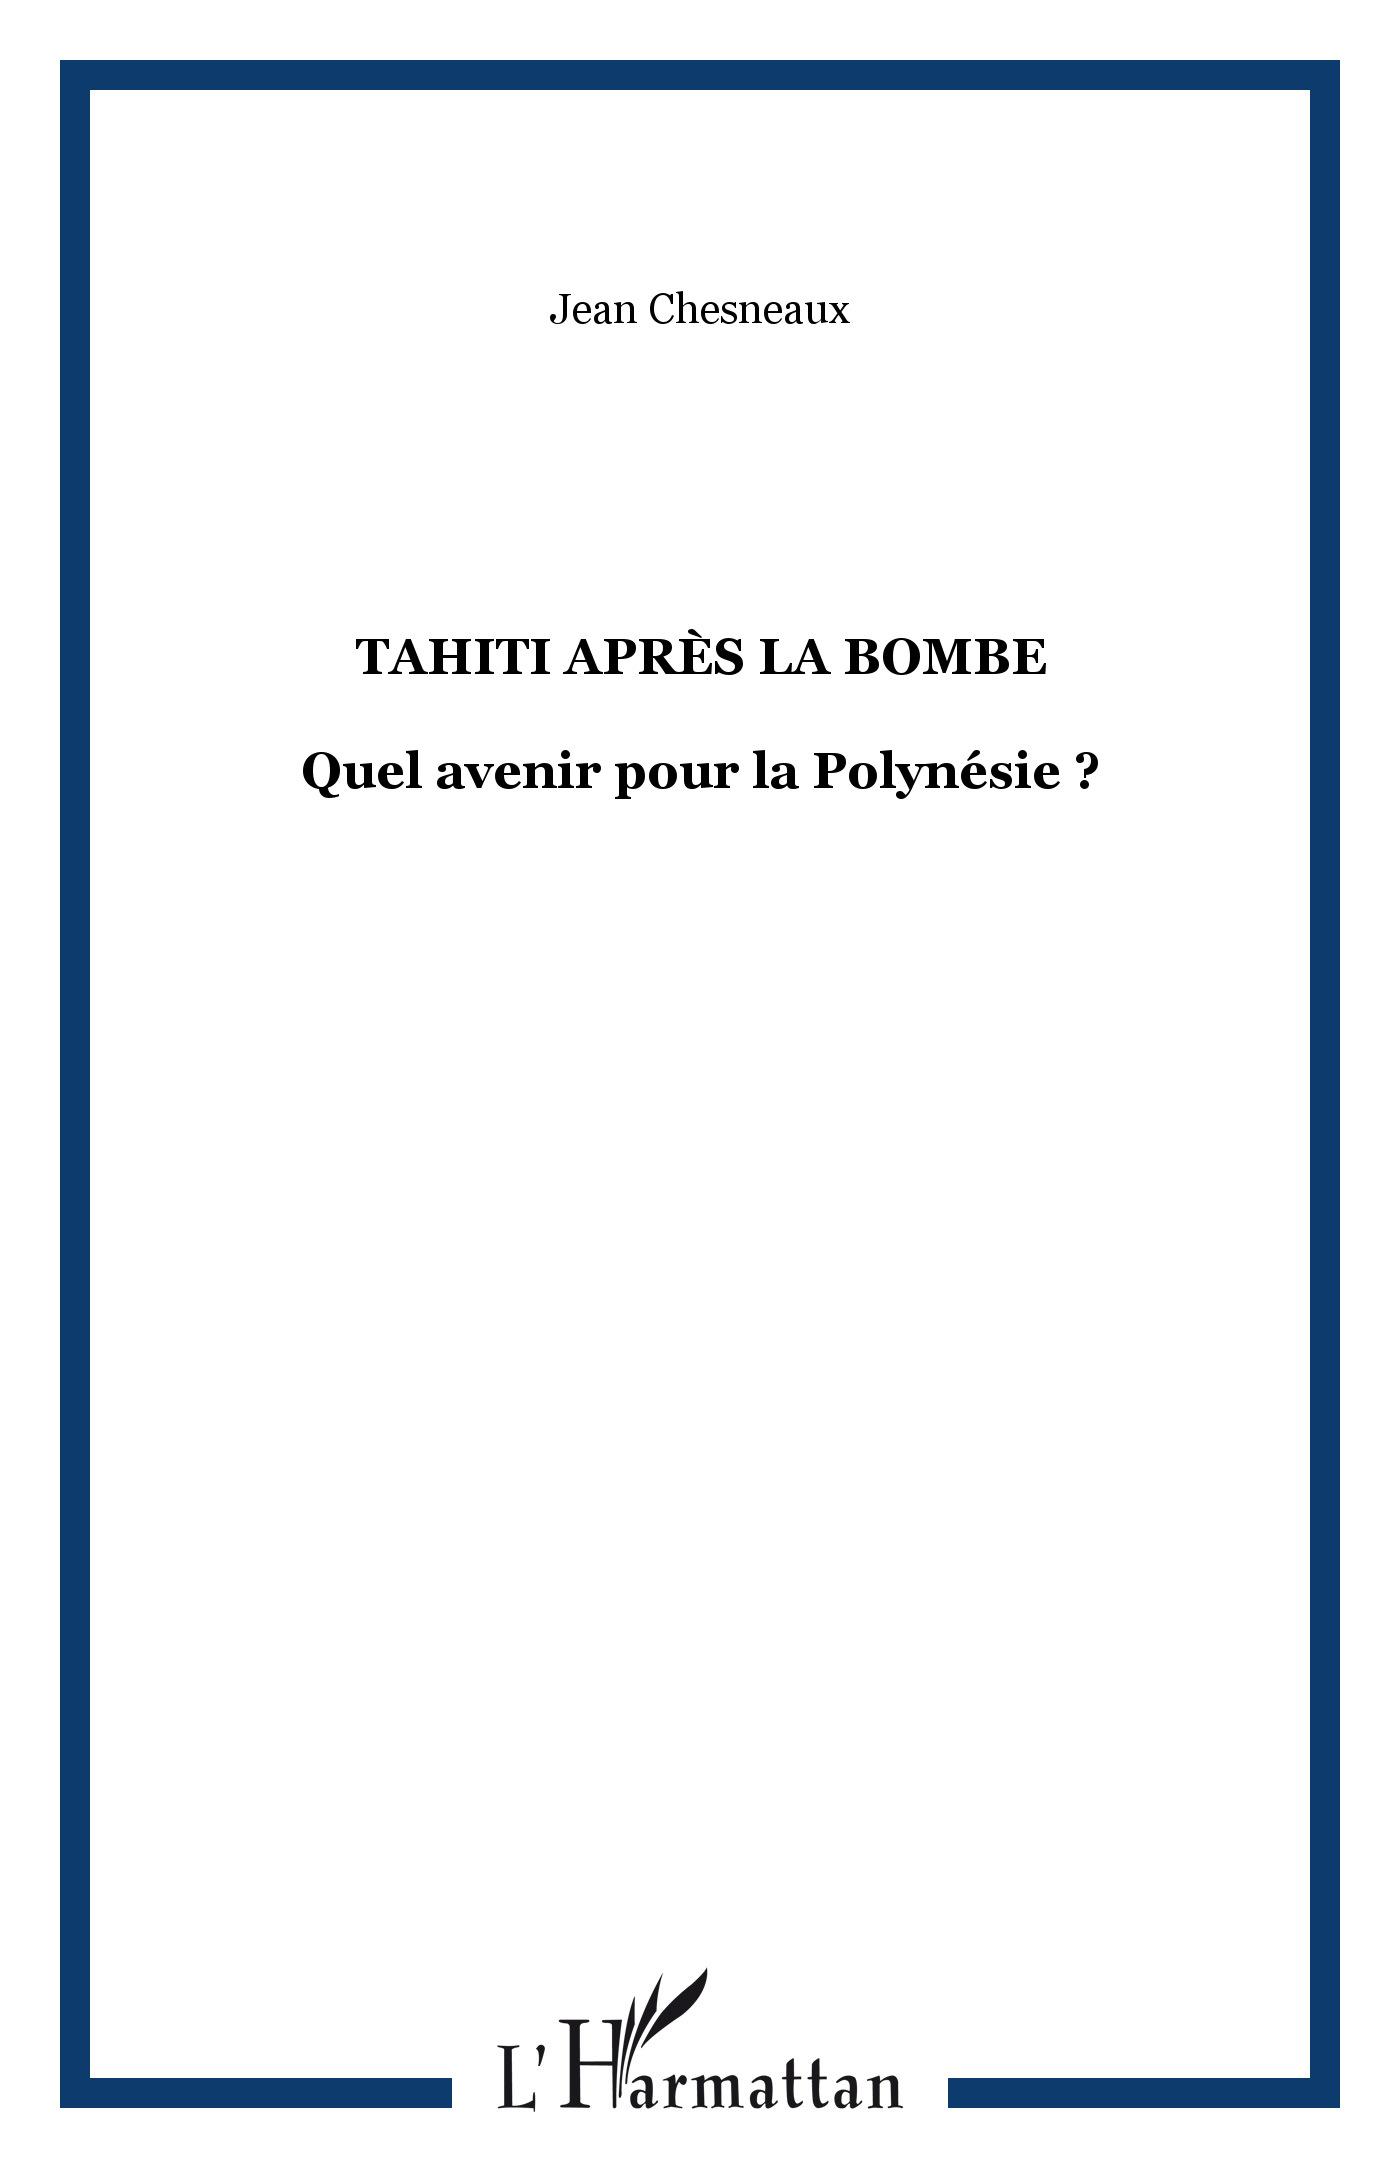 Tahiti après la